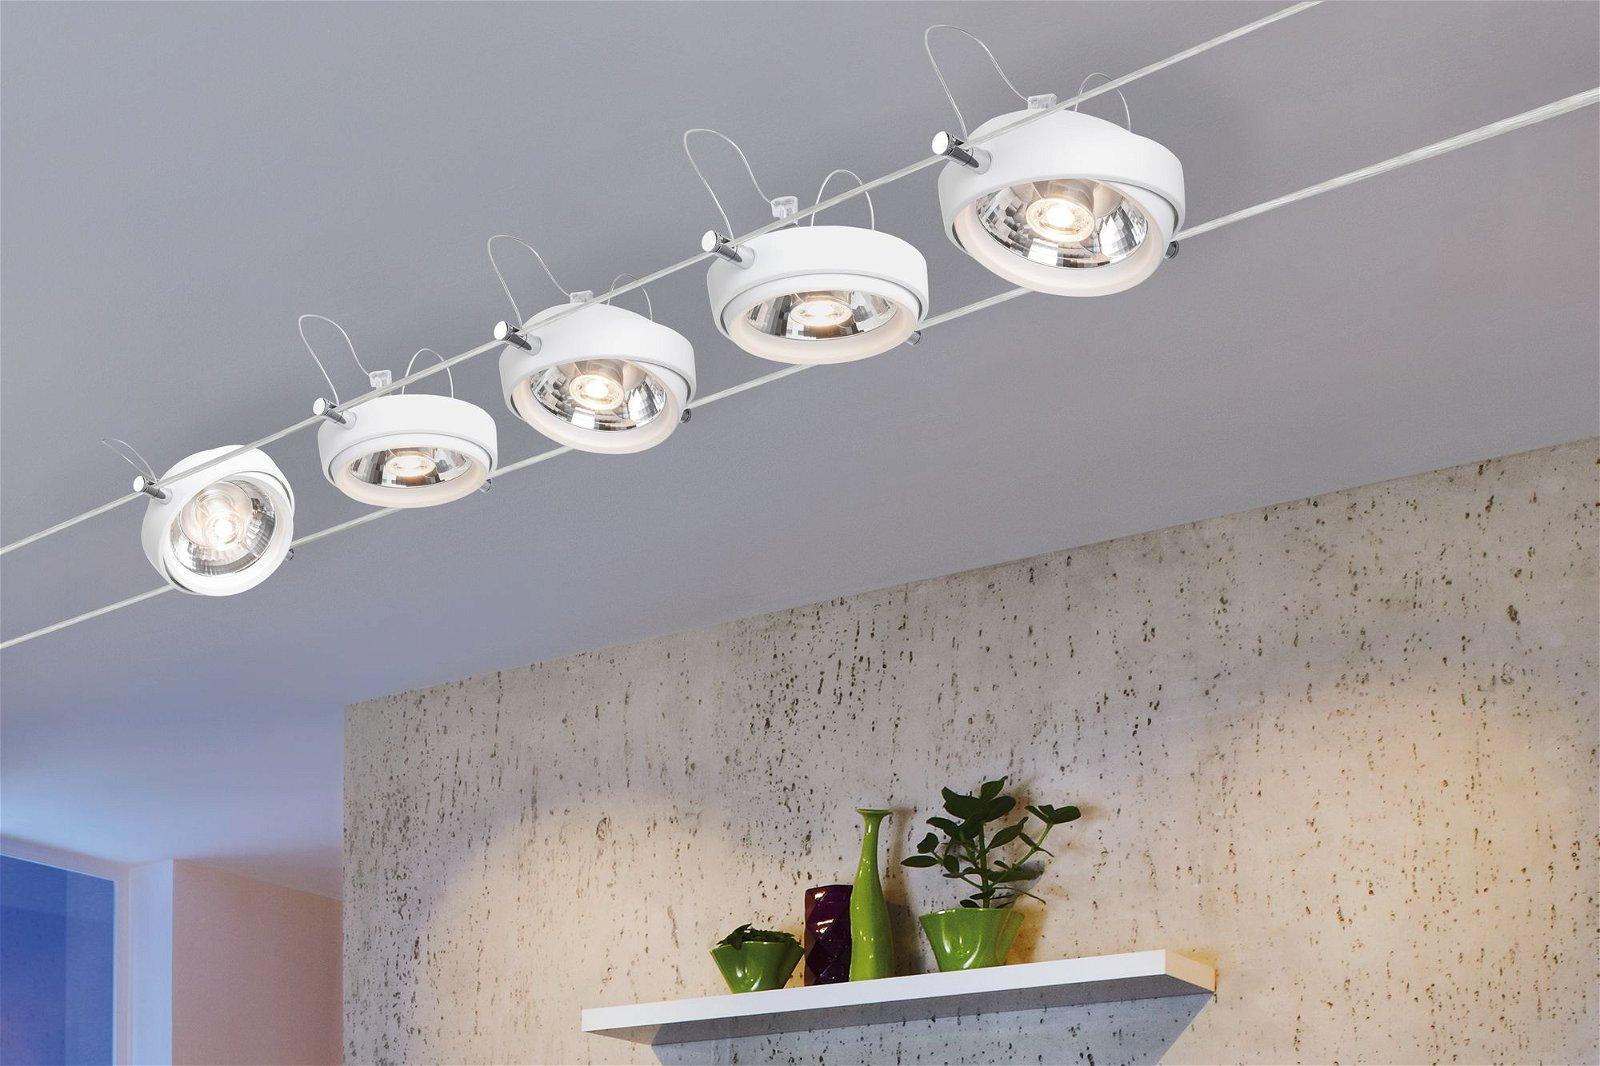 LED Seilsystem Powerline II Einzelspot 500lm 8W 2700K 12V Weiß